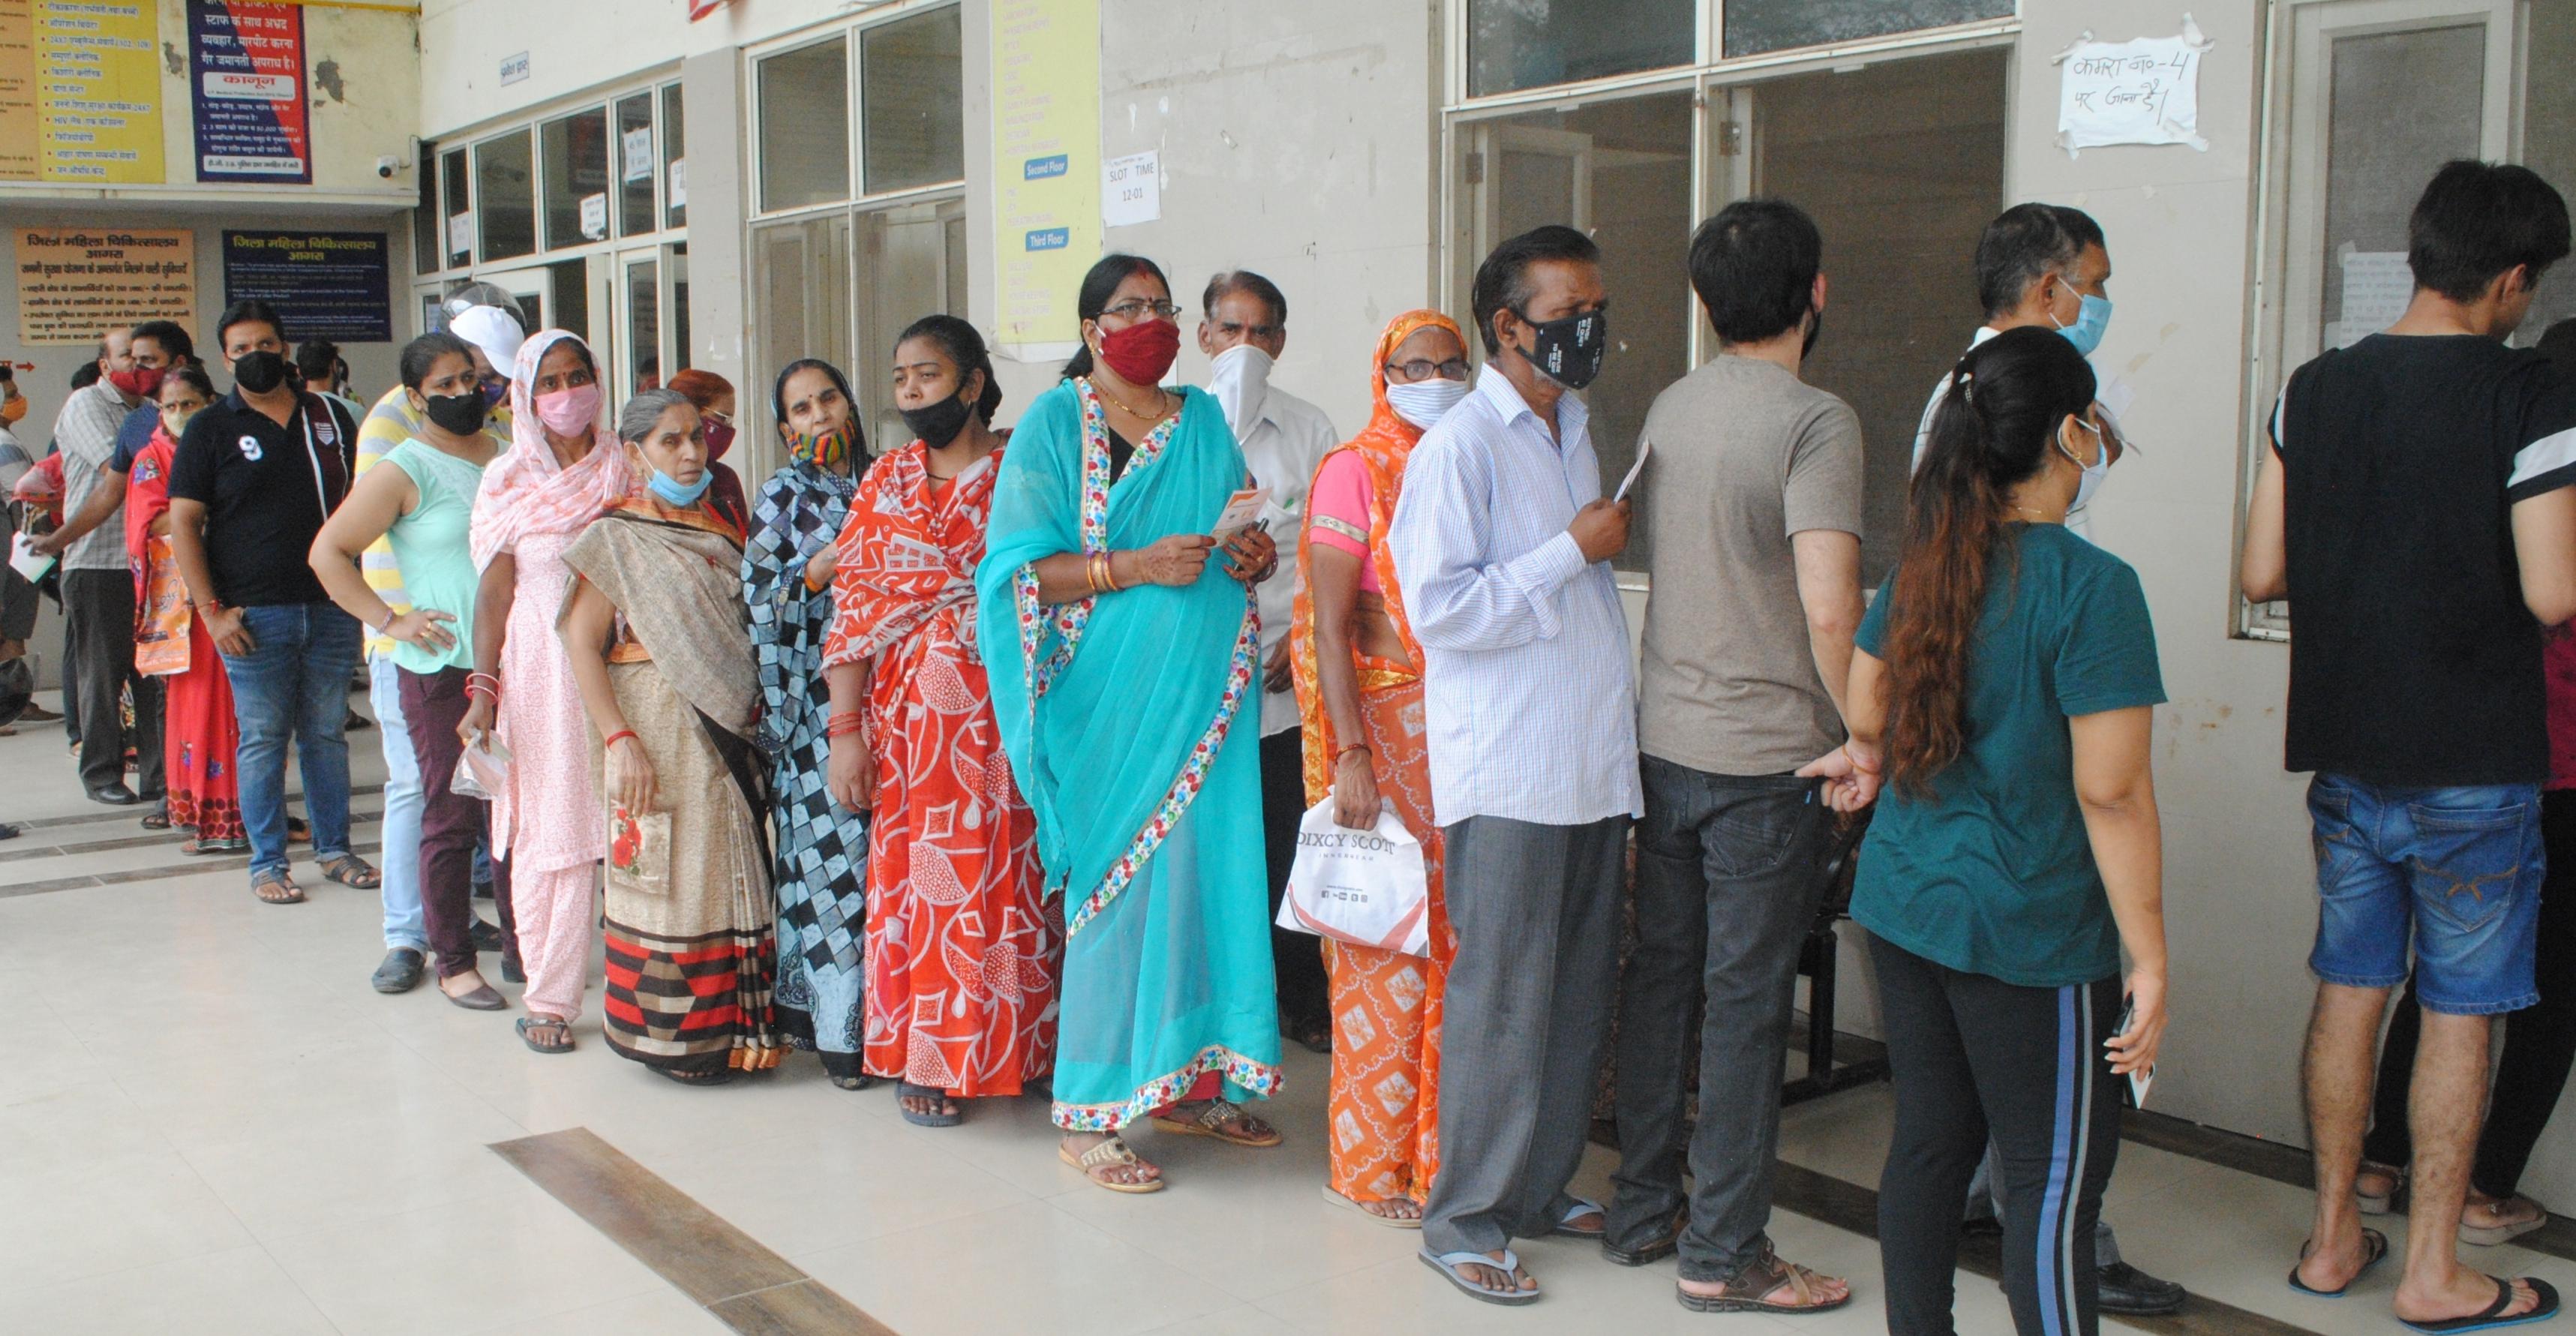 बिना रजिस्ट्रेशन 15455 को लगी वैक्सीन की दूसरी डोज, लोगों के वैक्सिनेशन से दूरी बनाने पर उठाया गया कदम आगरा,Agra - Dainik Bhaskar